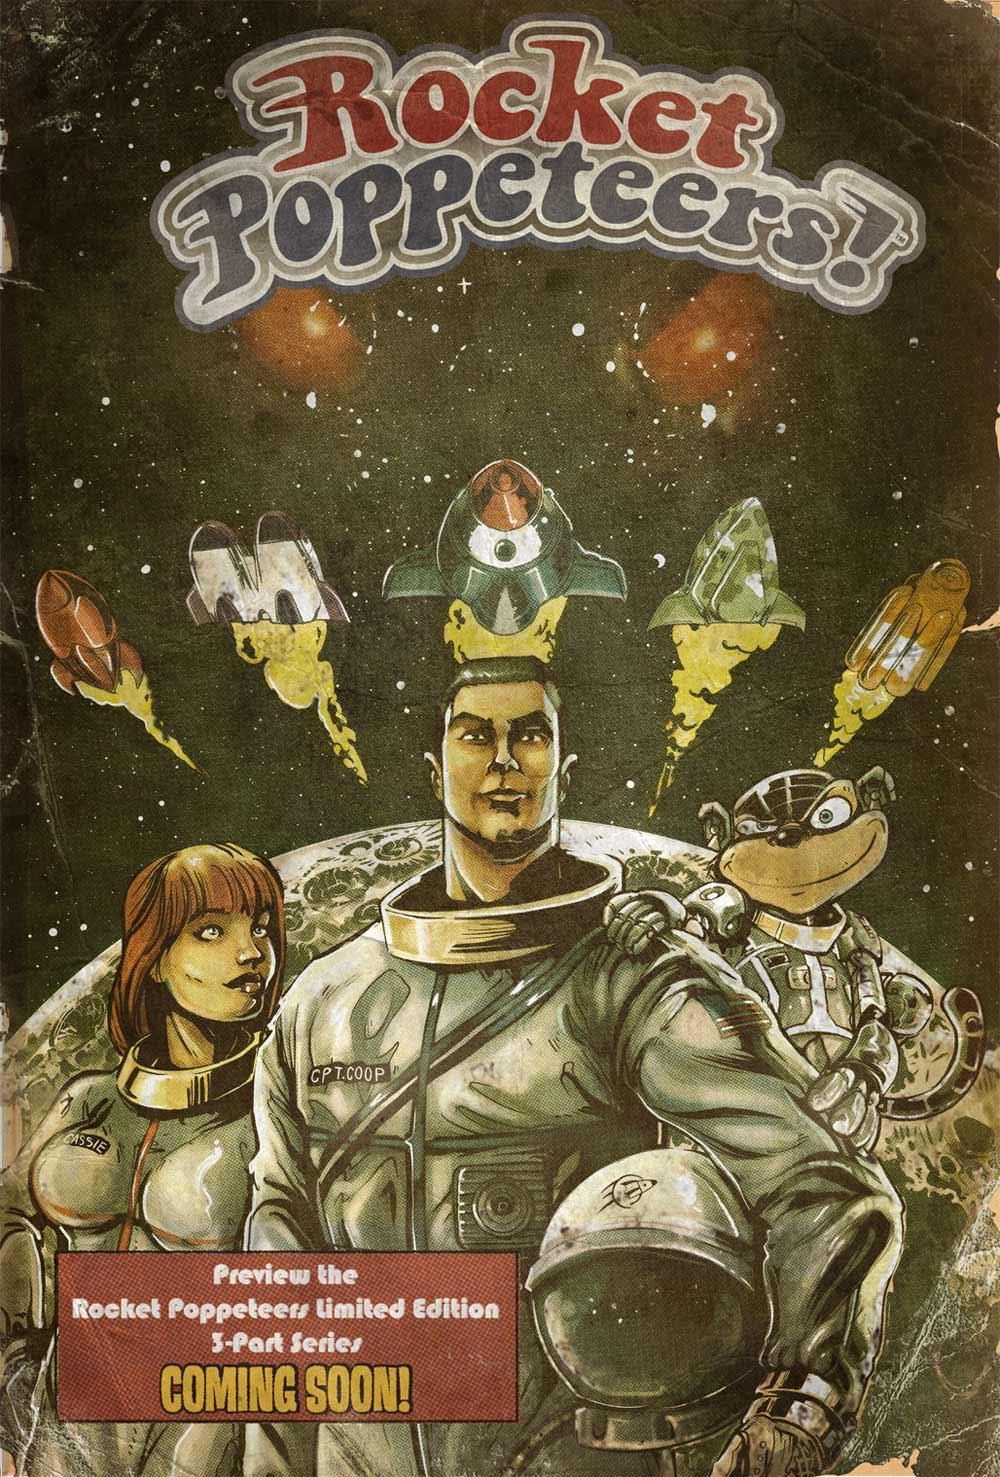 La cver del fumetto dei Rocket Poppeteers. Al centro il  protagonista Coop, al suo fianco i suoi due aiutanti: a destra la scimmia e a sinistra Cassie. -